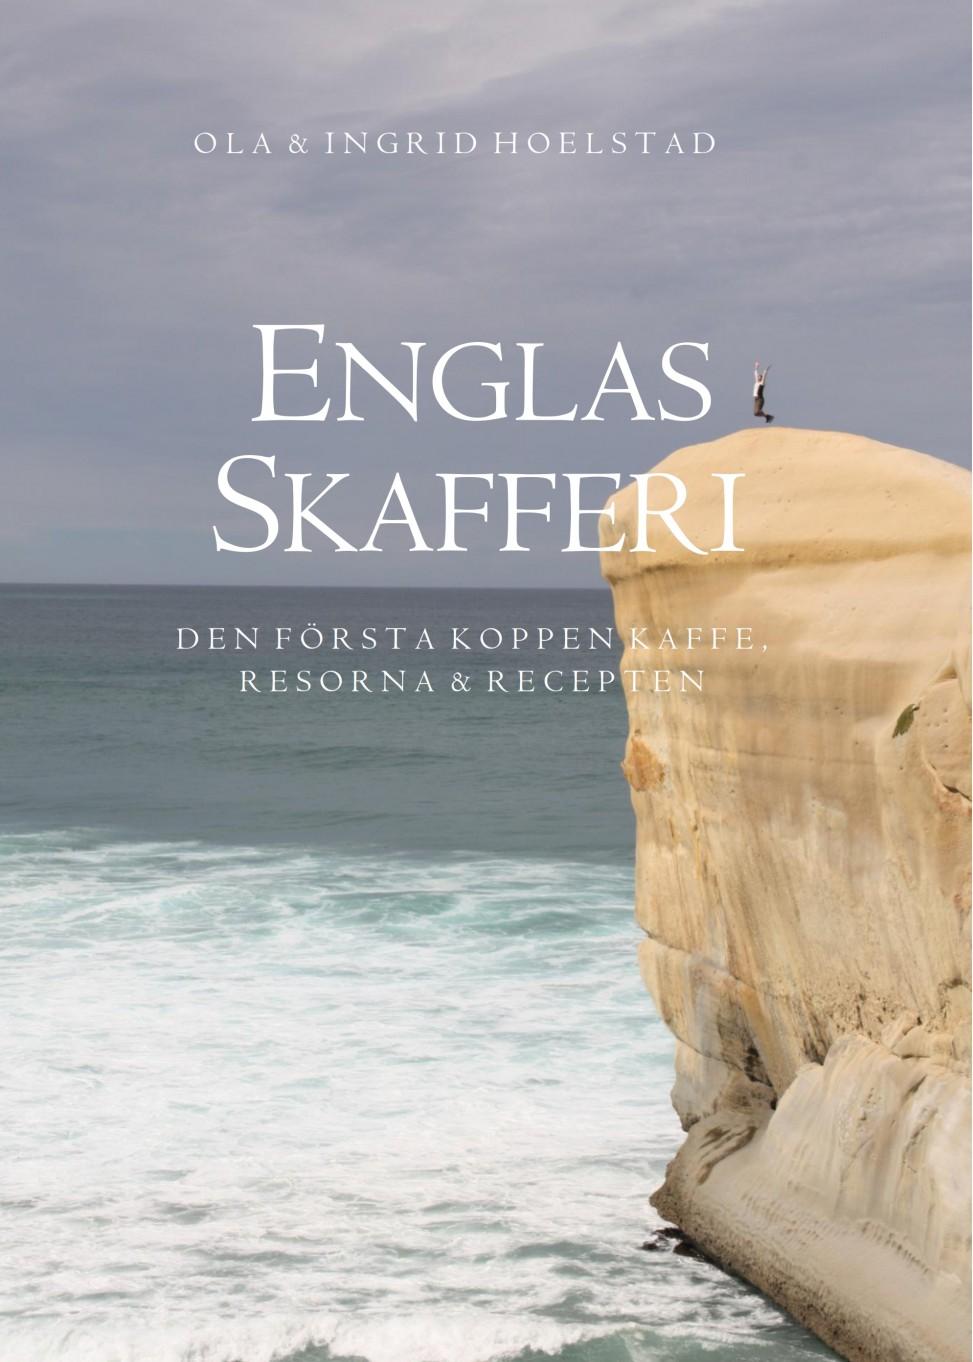 ENGLAS SKAFFERI – Den första koppen kaffe, resorna & recepten